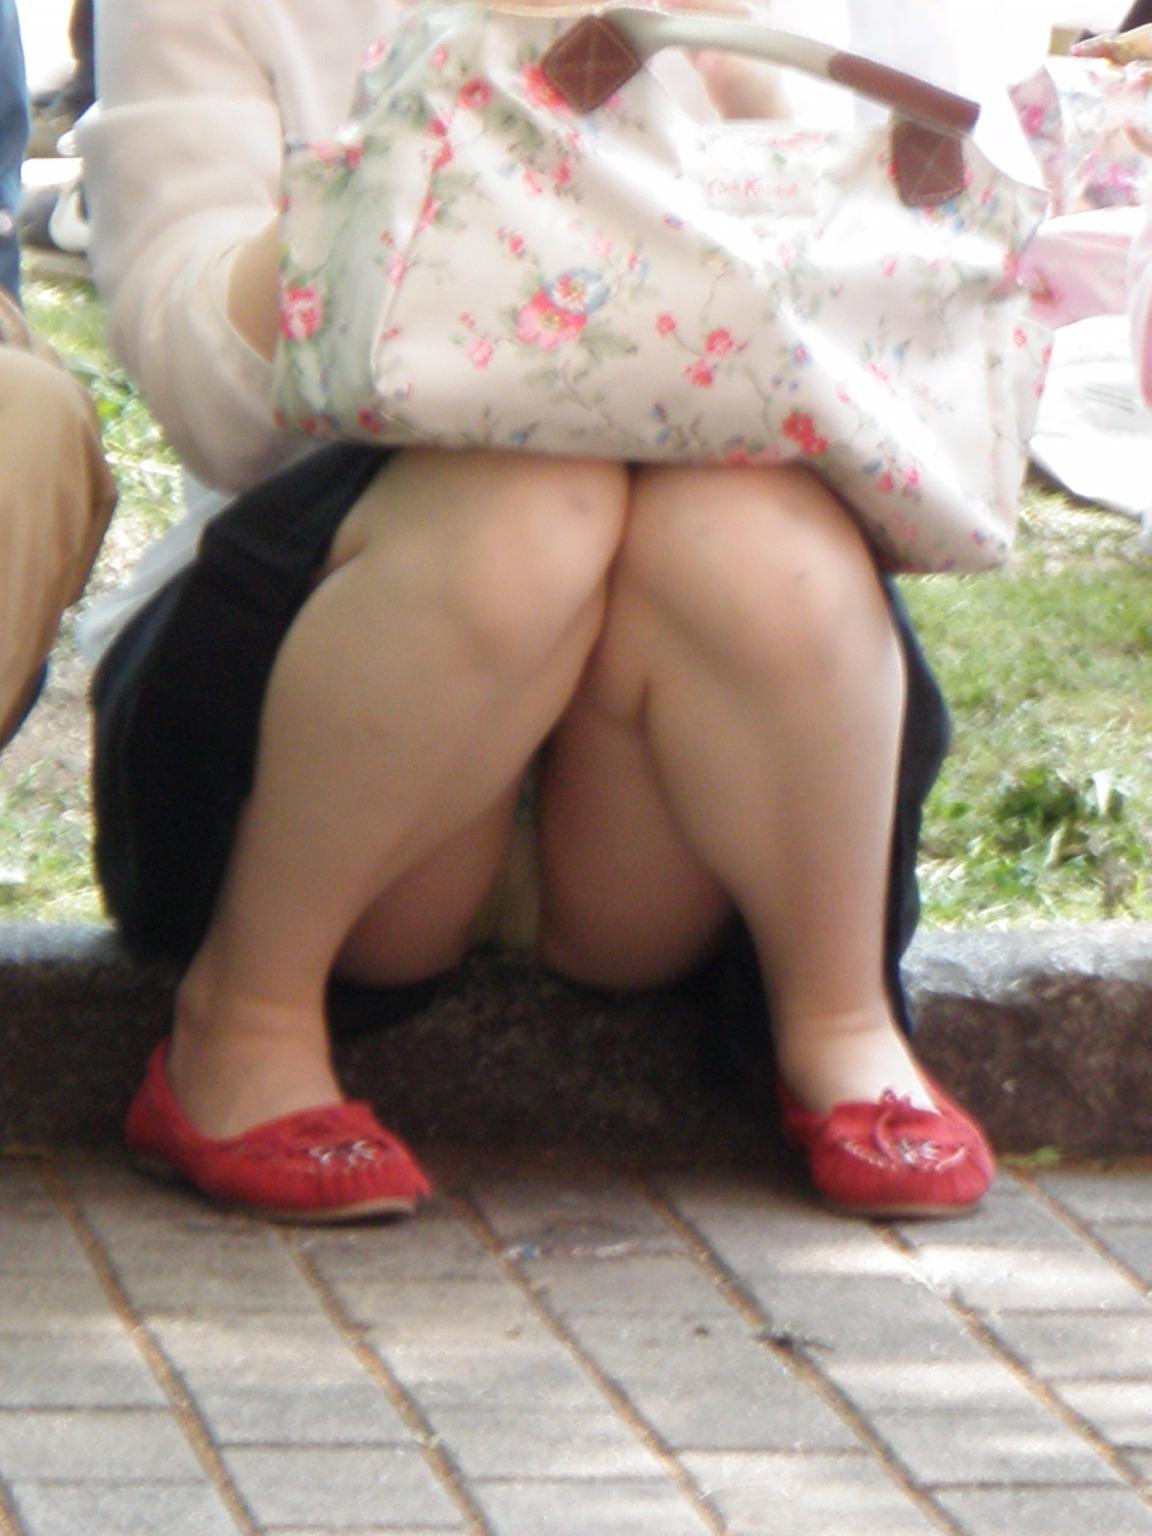 【パンチラエロ画像】見逃すものか!広場で座り込んだ女子たちの丸見えパンツwww 14